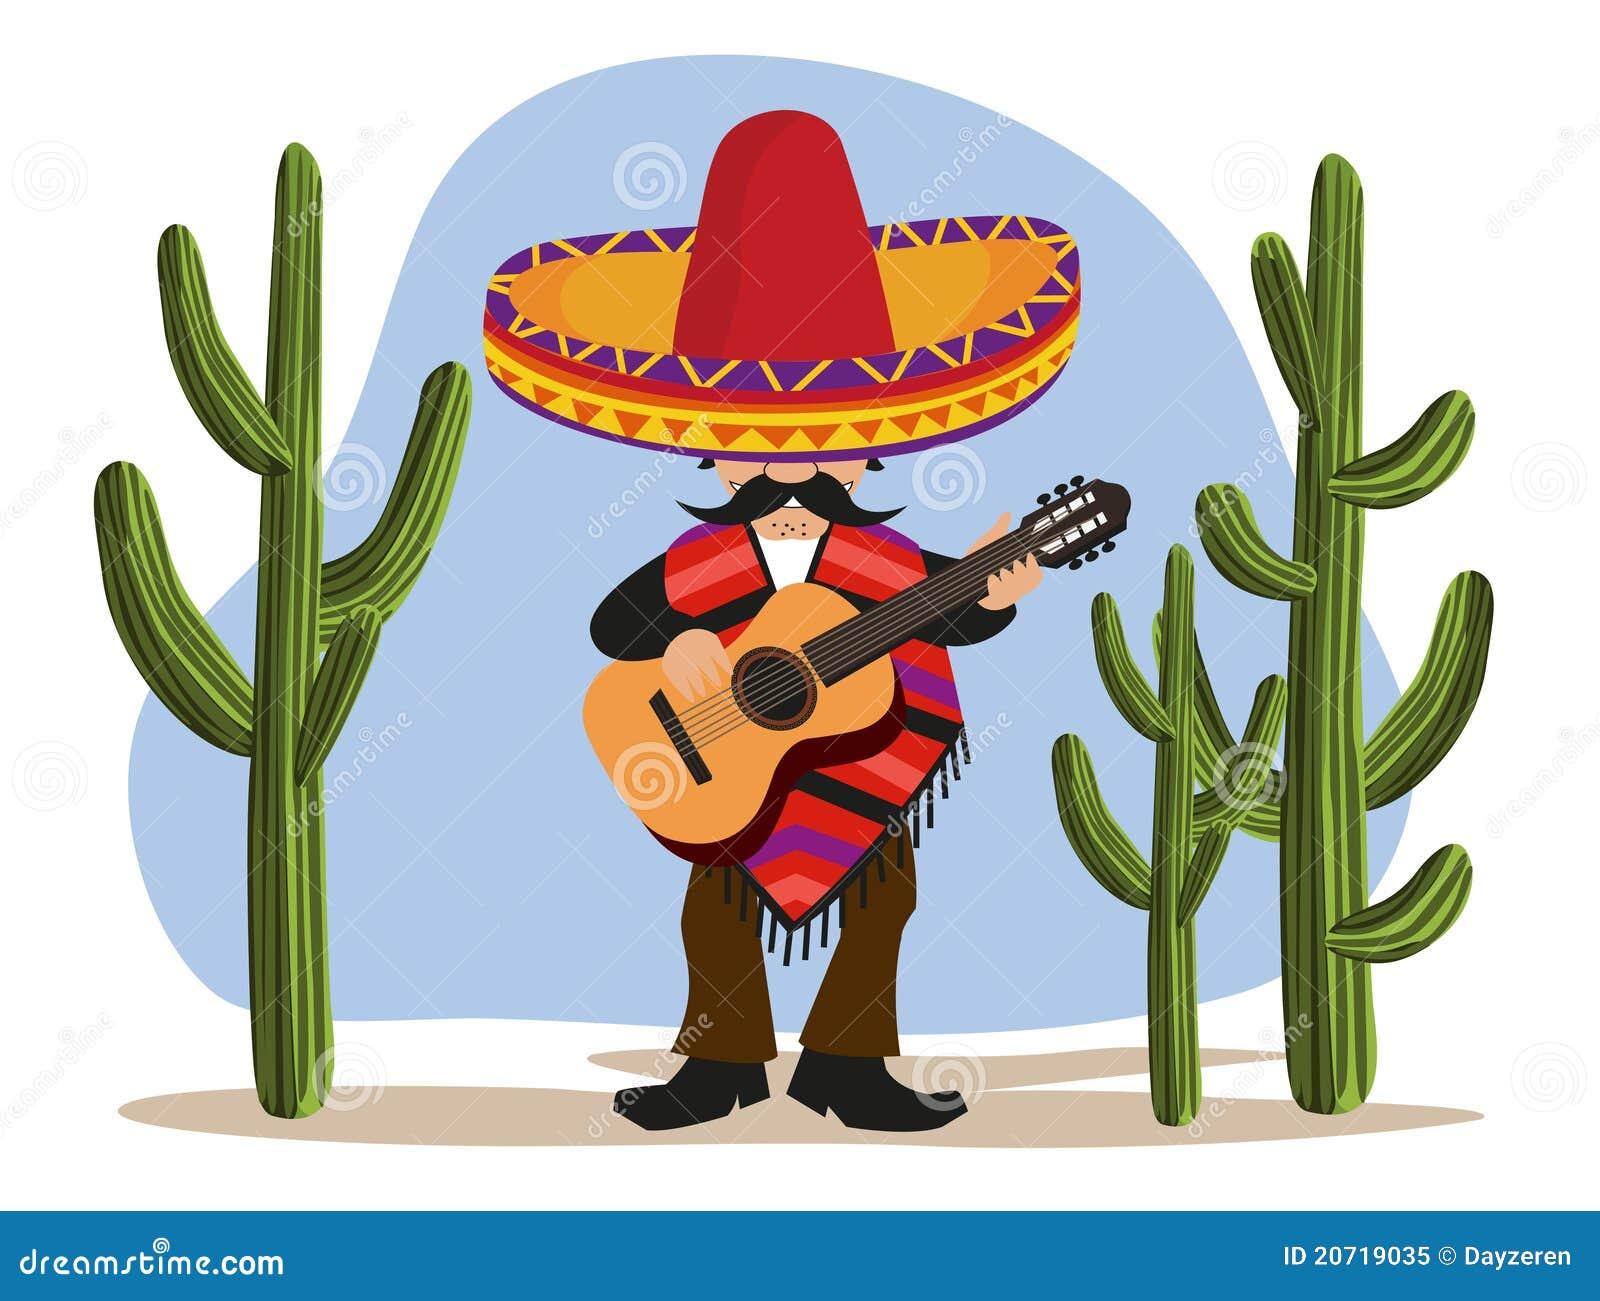 Рисуем мексиканский